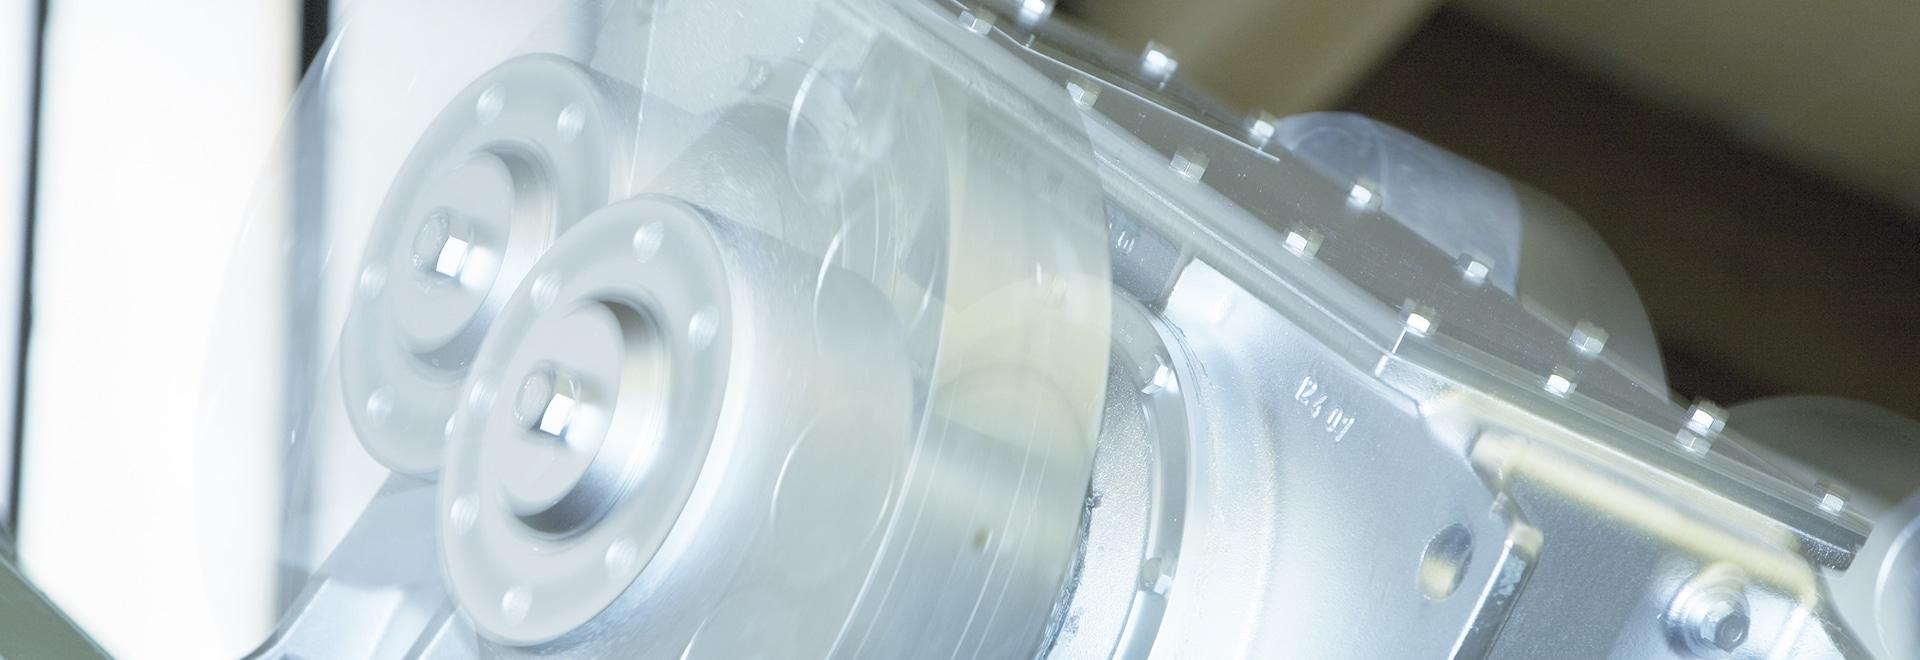 Schenck Process bringt neuen Hochleistungserreger DF704 auf den Markt